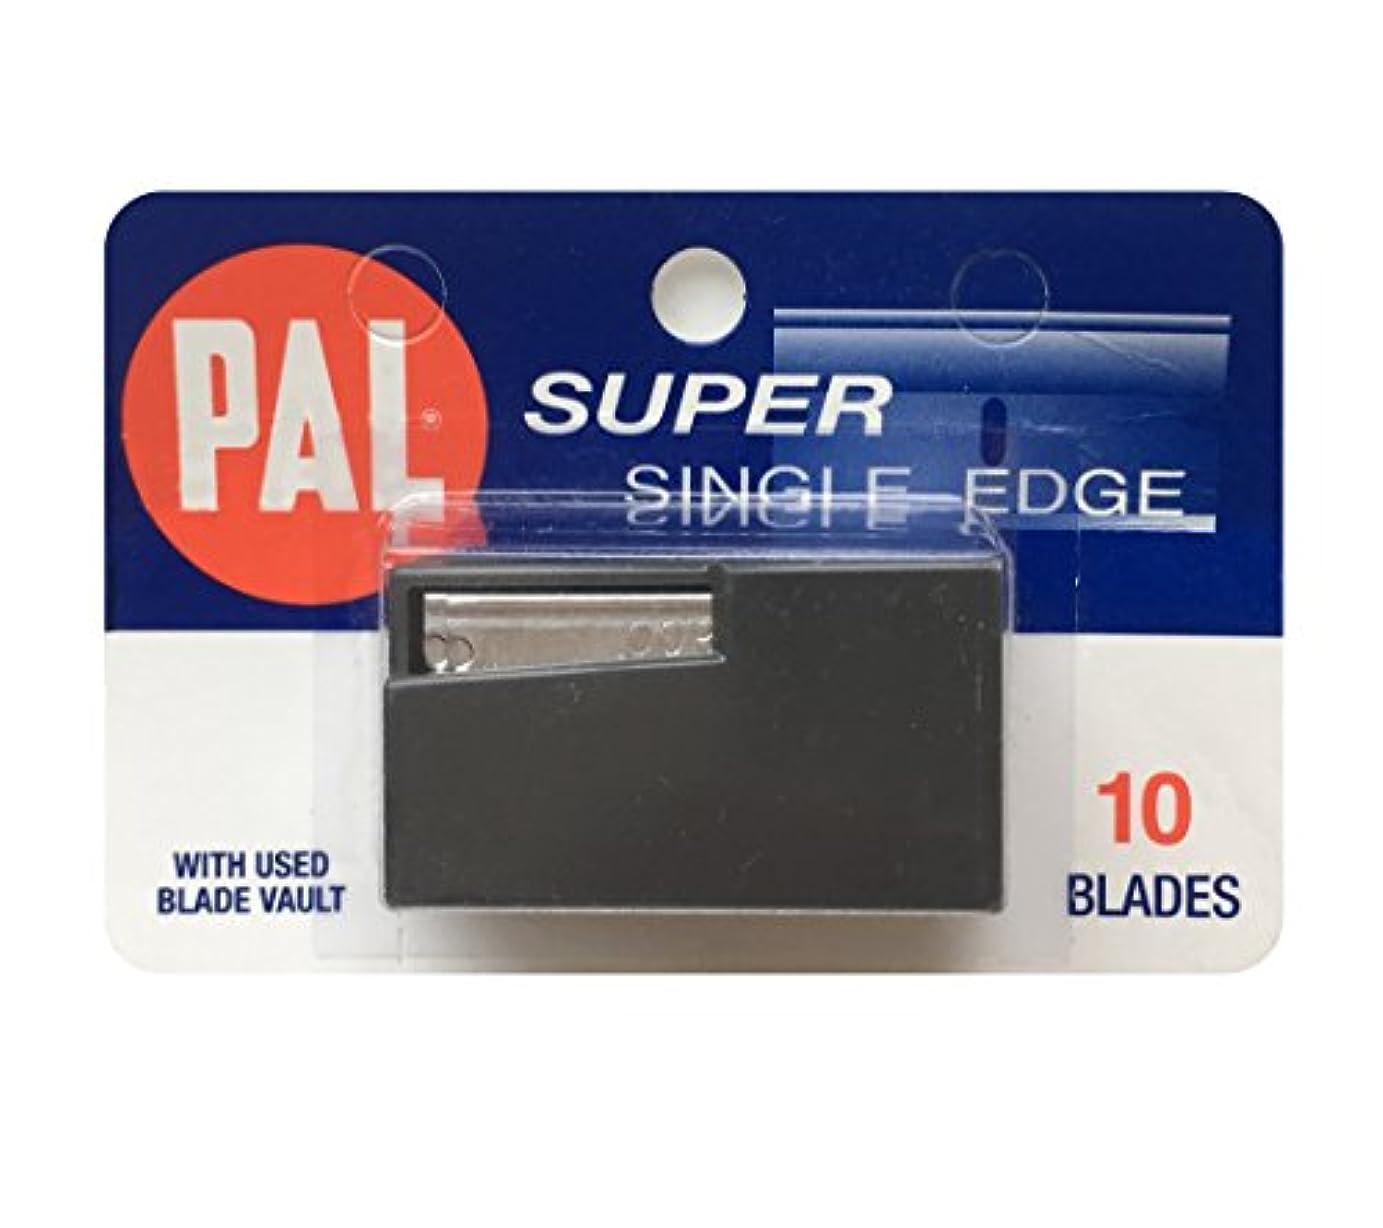 雇用者生き物ヒロインPAL SUPER (パル スーパー)シングルエッジ 片刃替刃 10枚入り [並行輸入品]